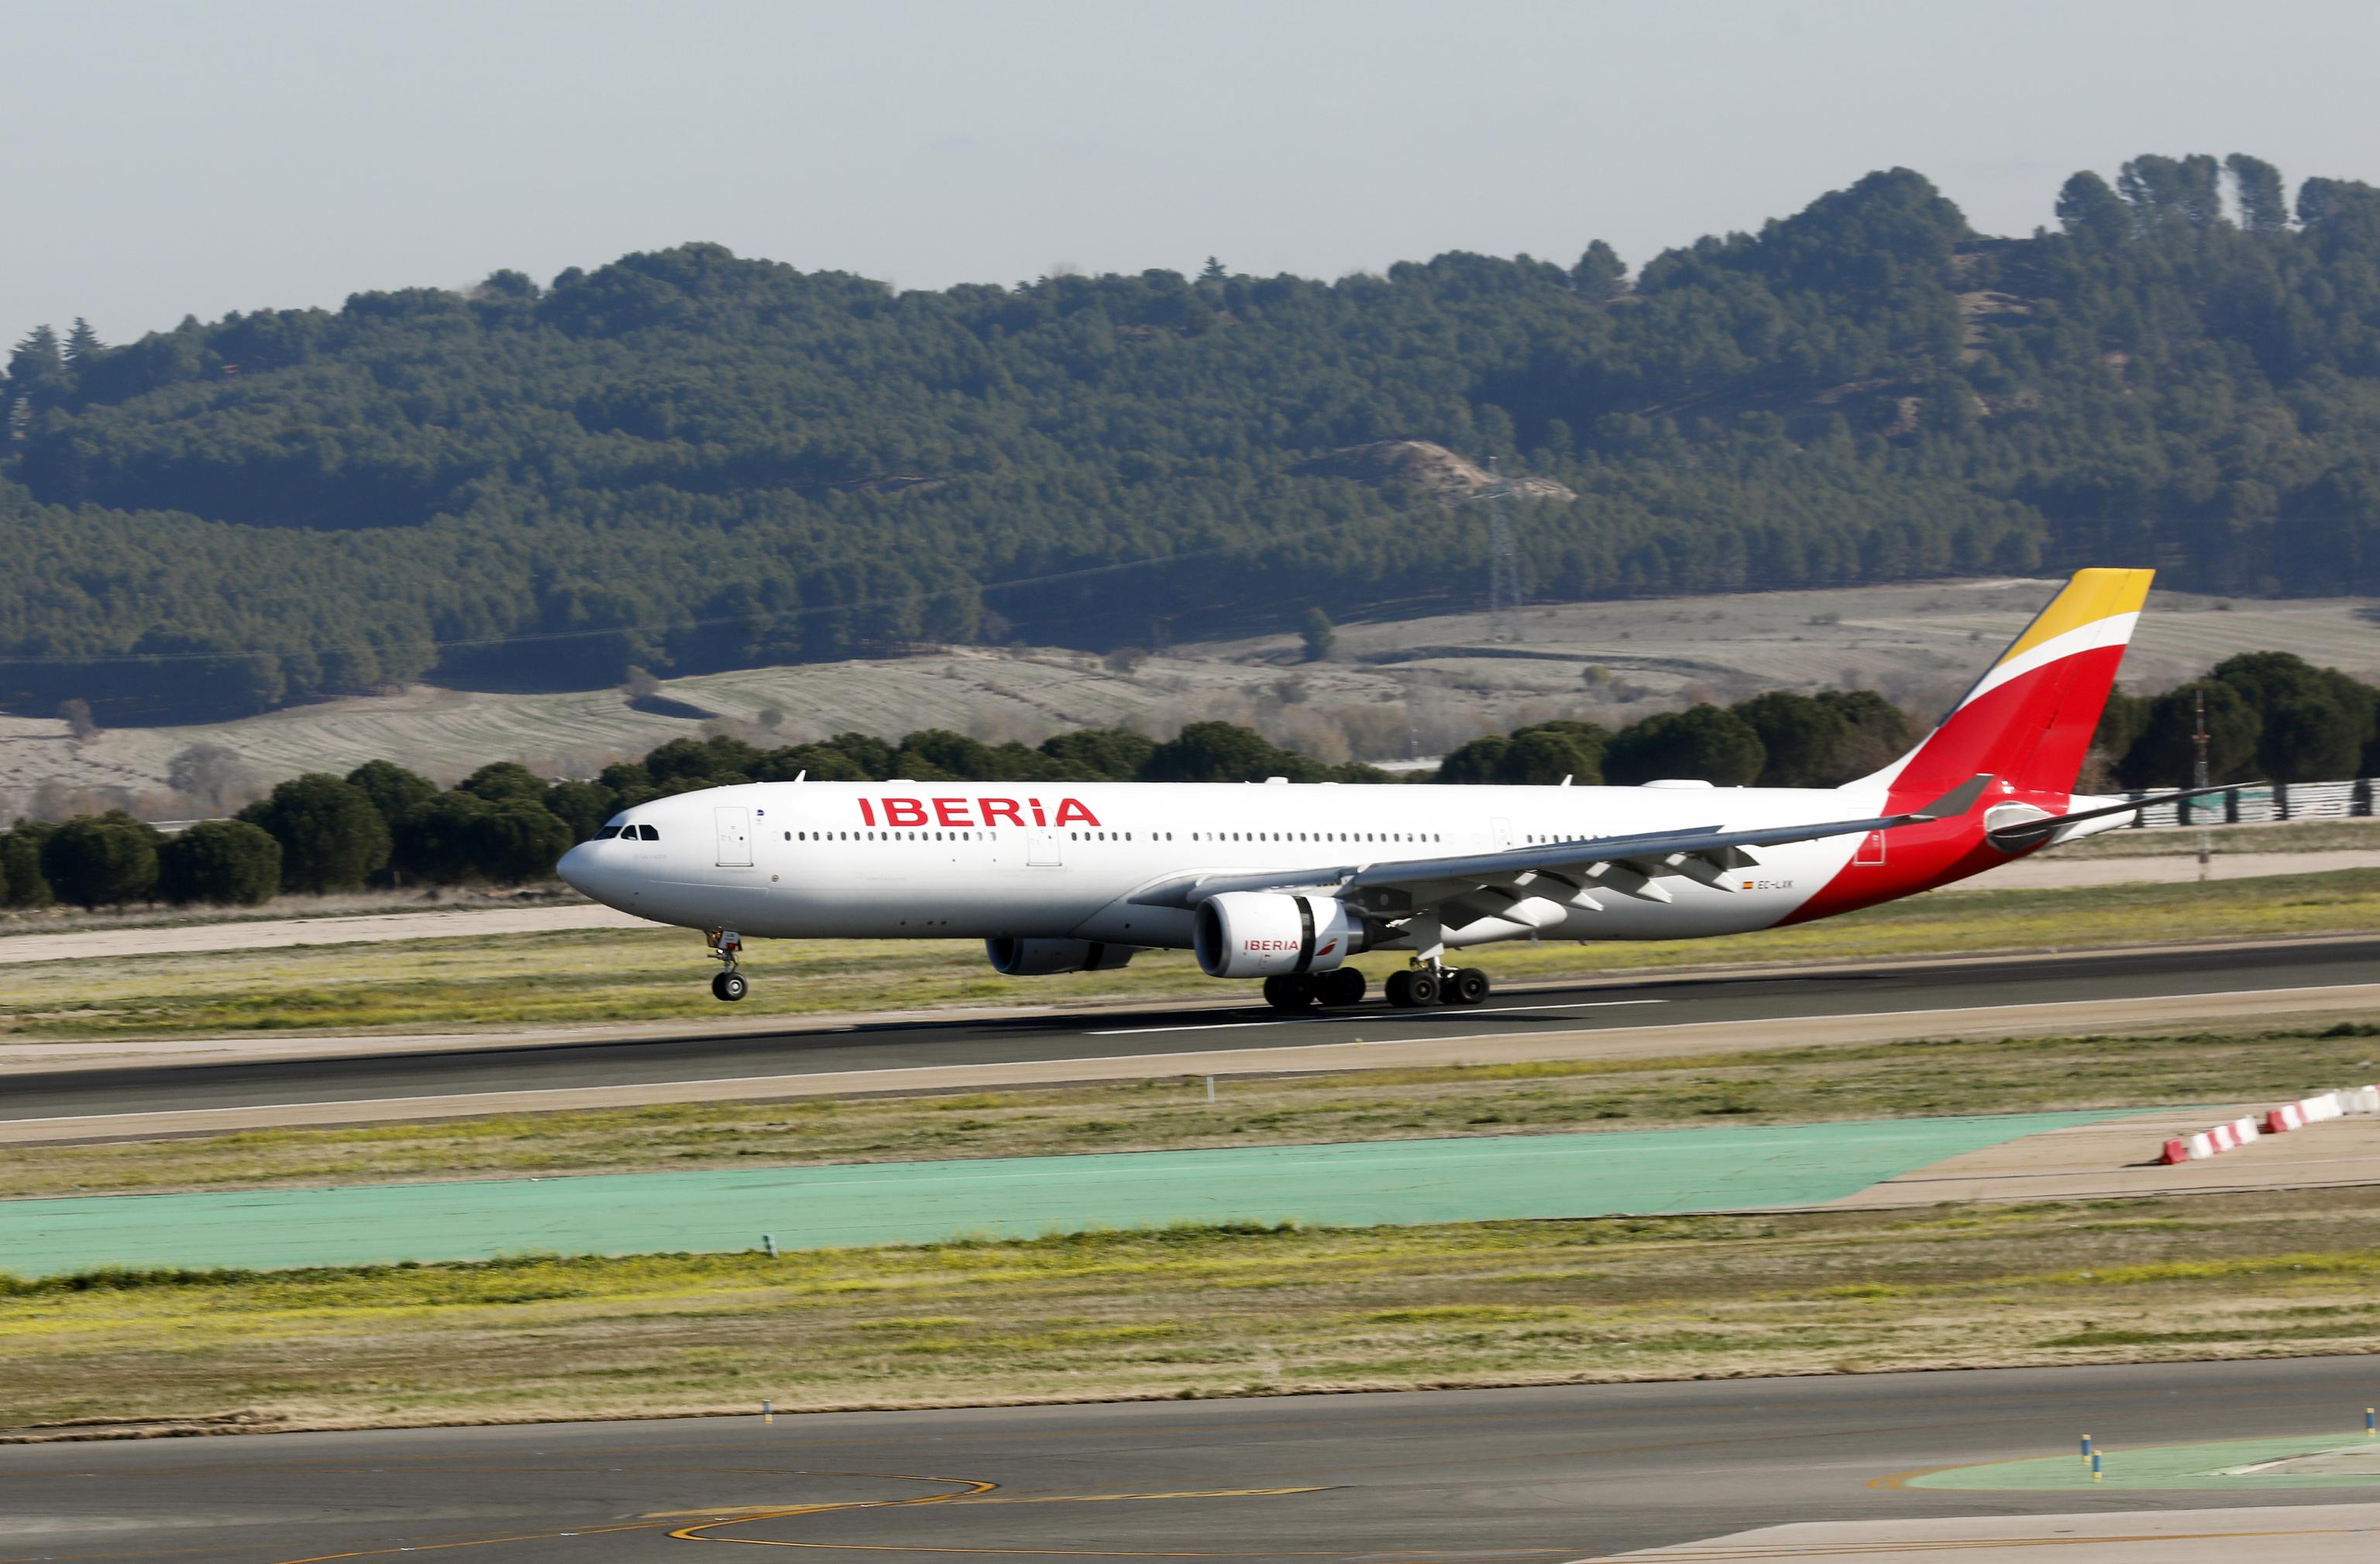 Un avión de Iberia en el aeropuerto Adolfo Suárez Madrid-Barajas.